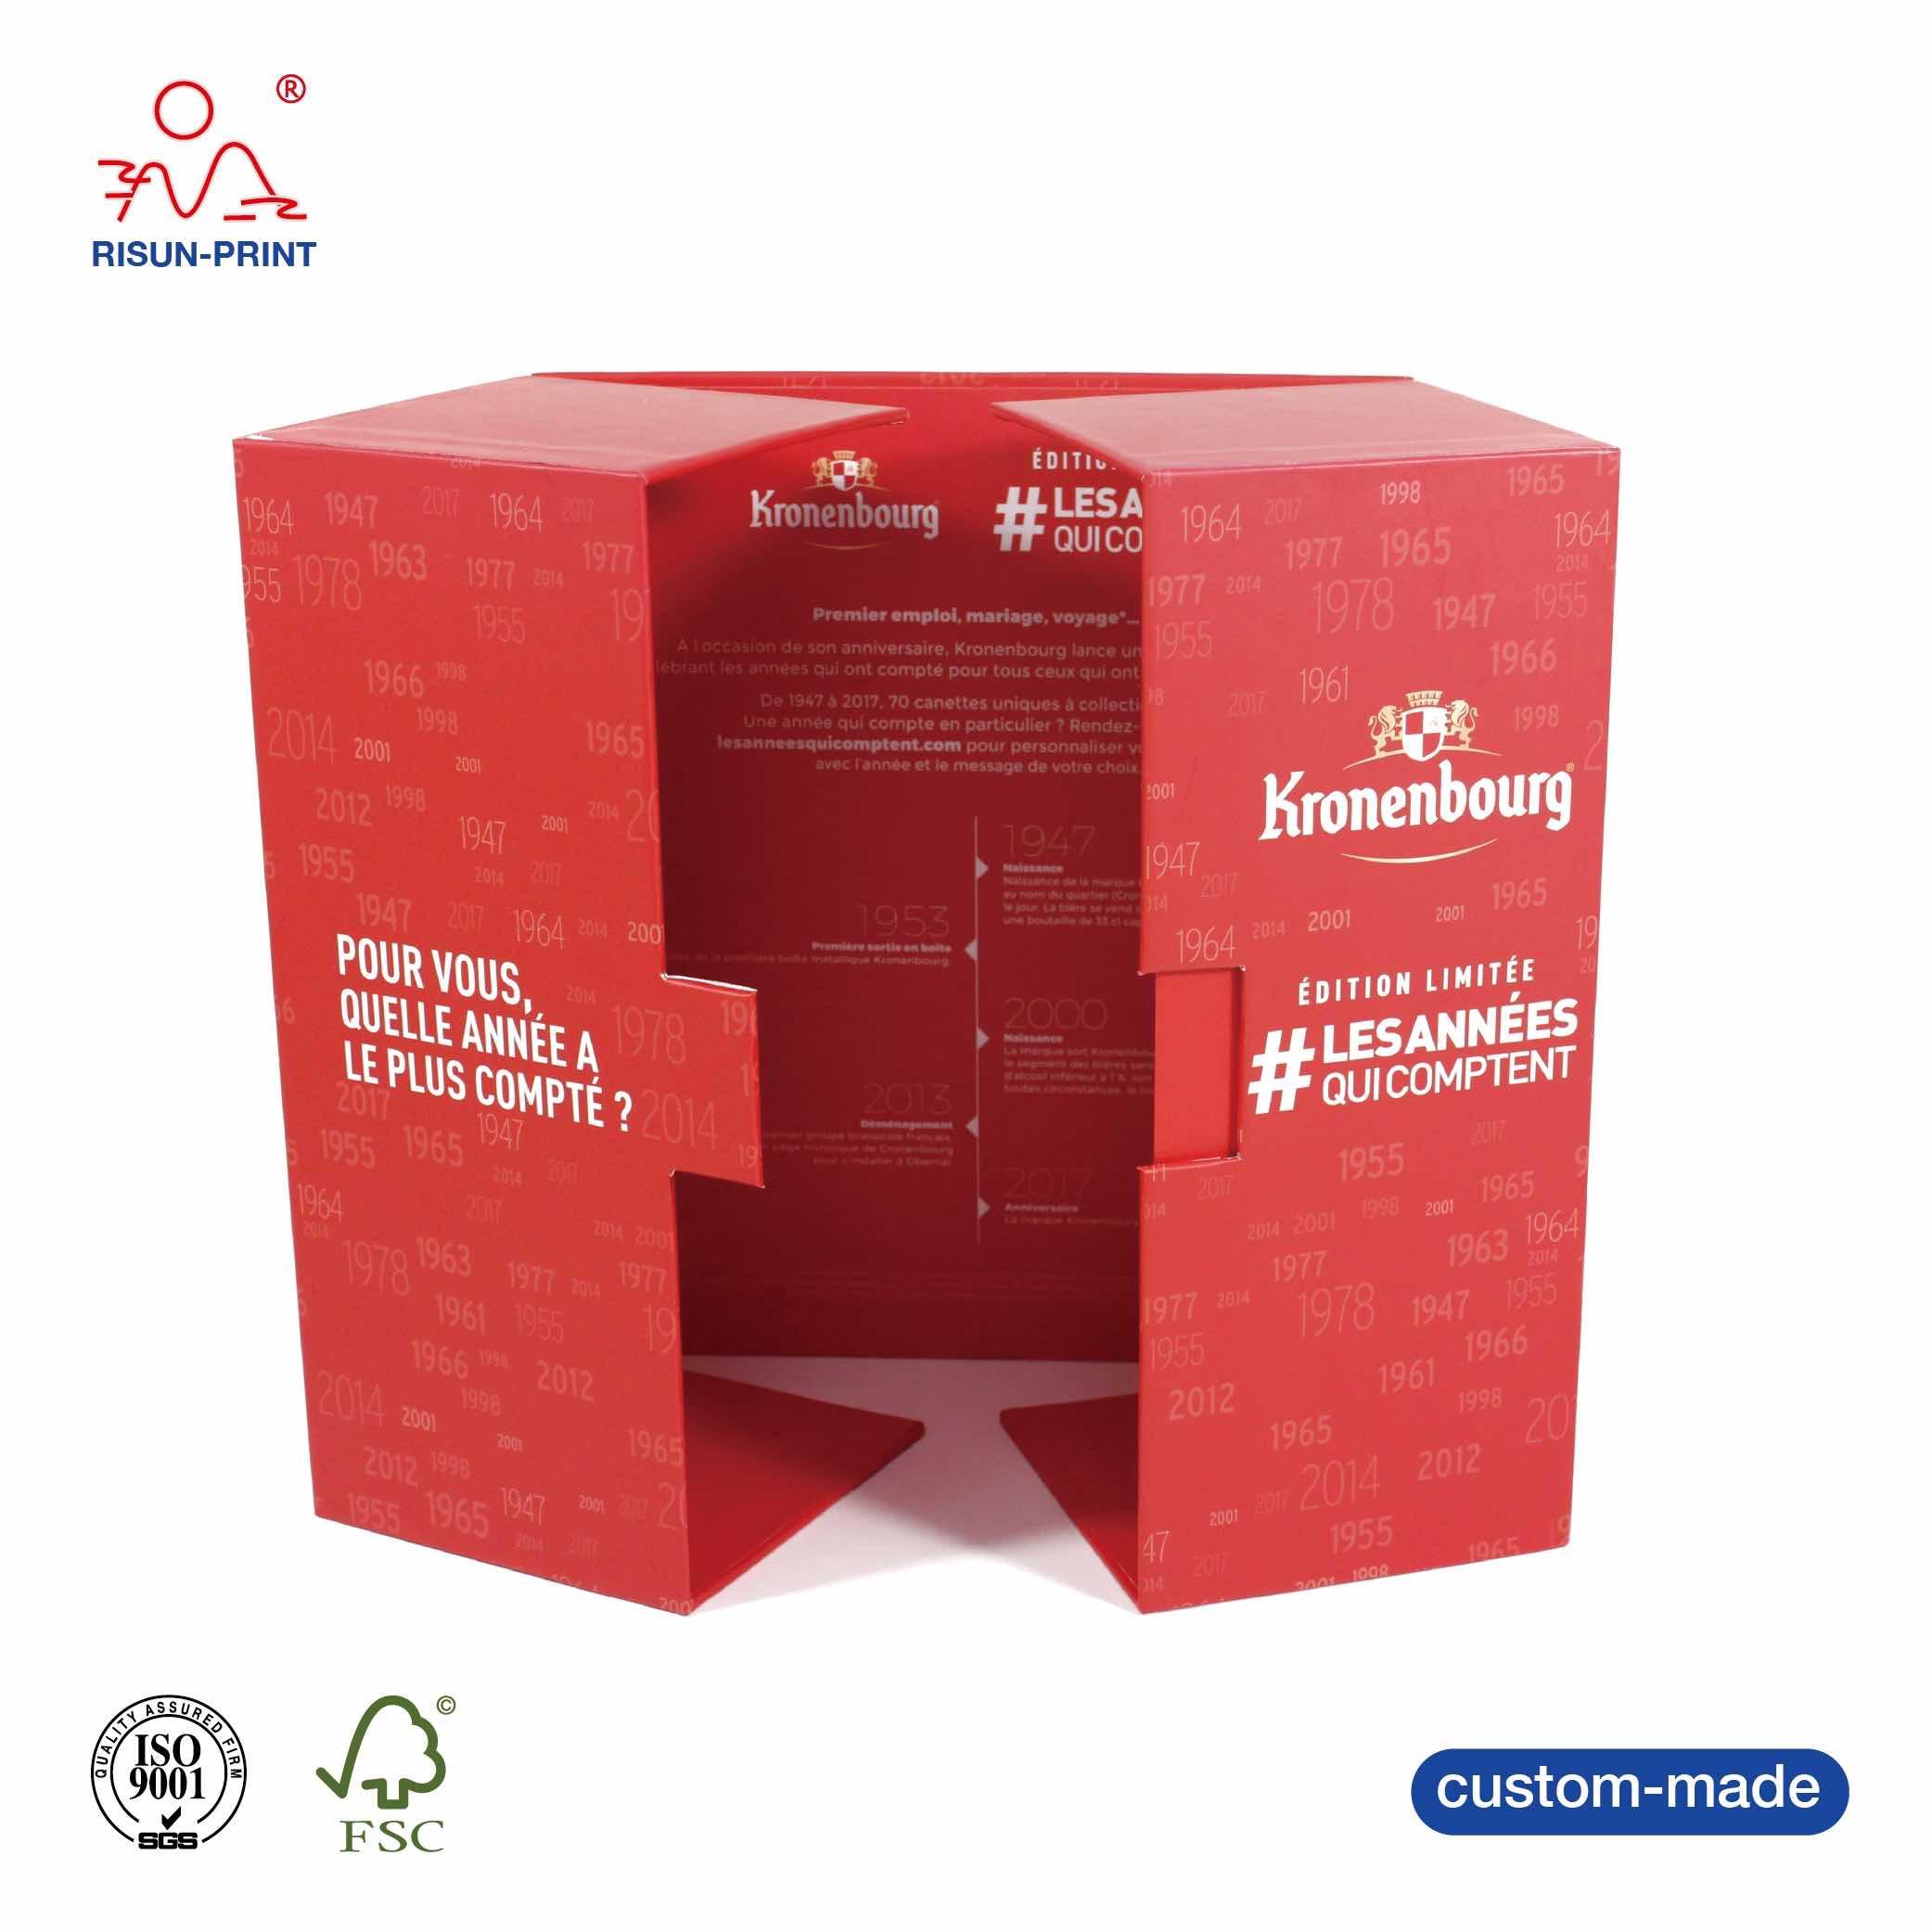 高档化妆品礼盒设计脱颖而出-济南尚邦佳品包装制品有限公司